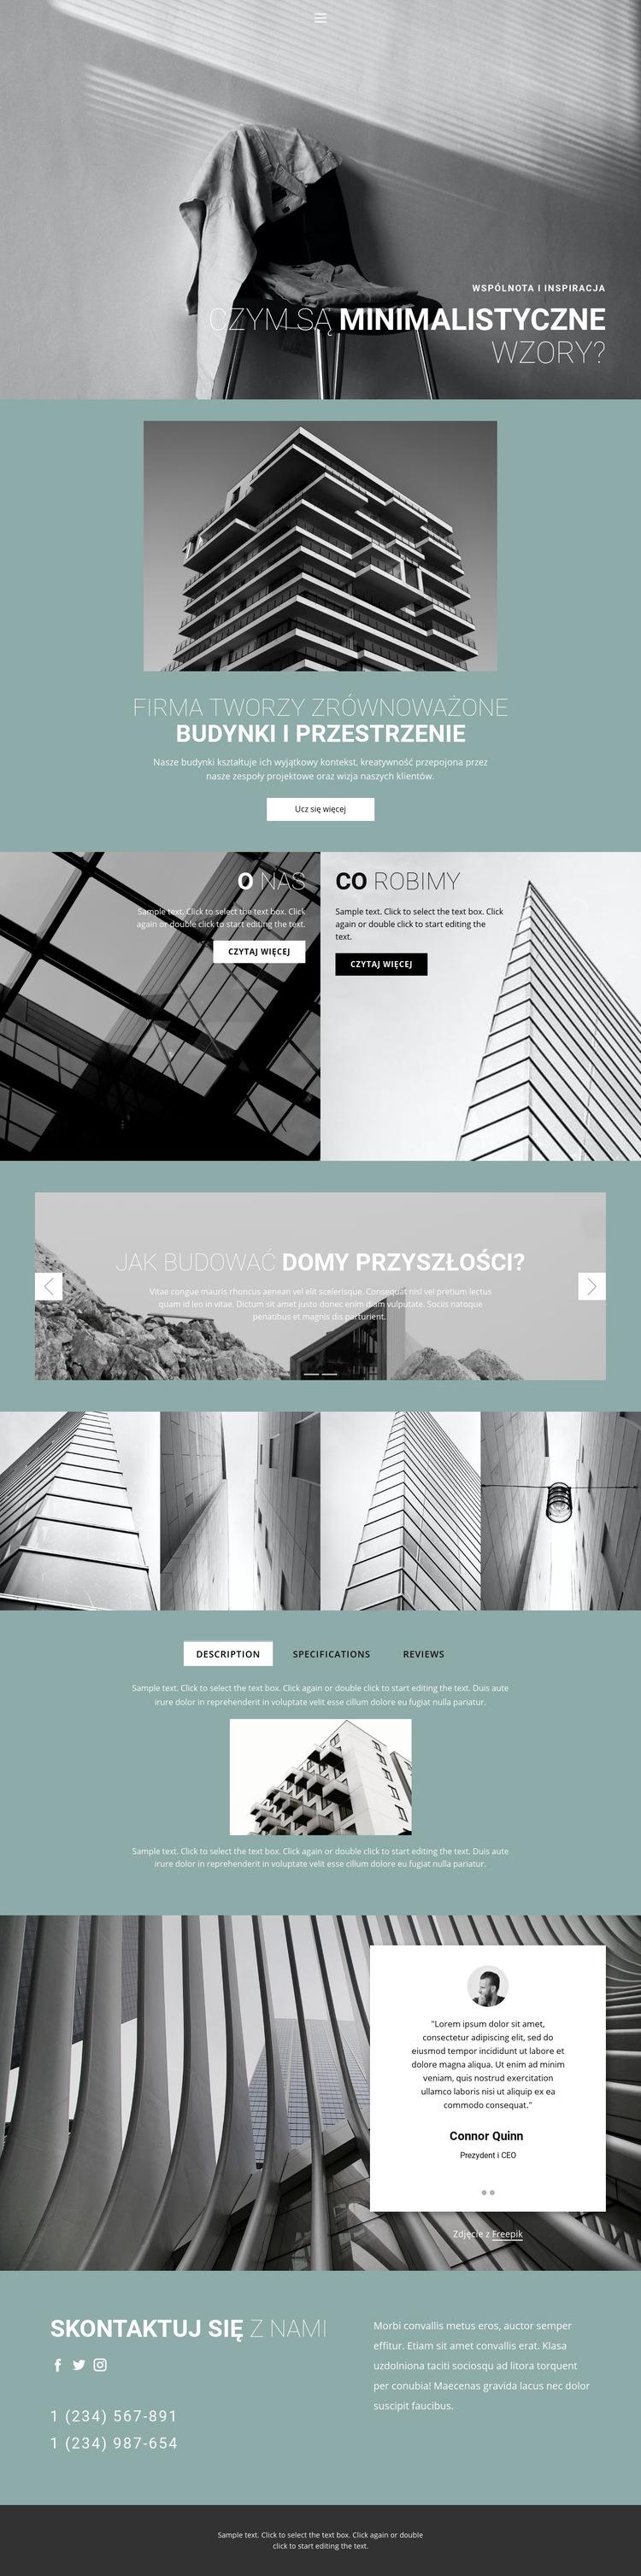 Idealne pomysły architektoniczne Szablon witryny sieci Web